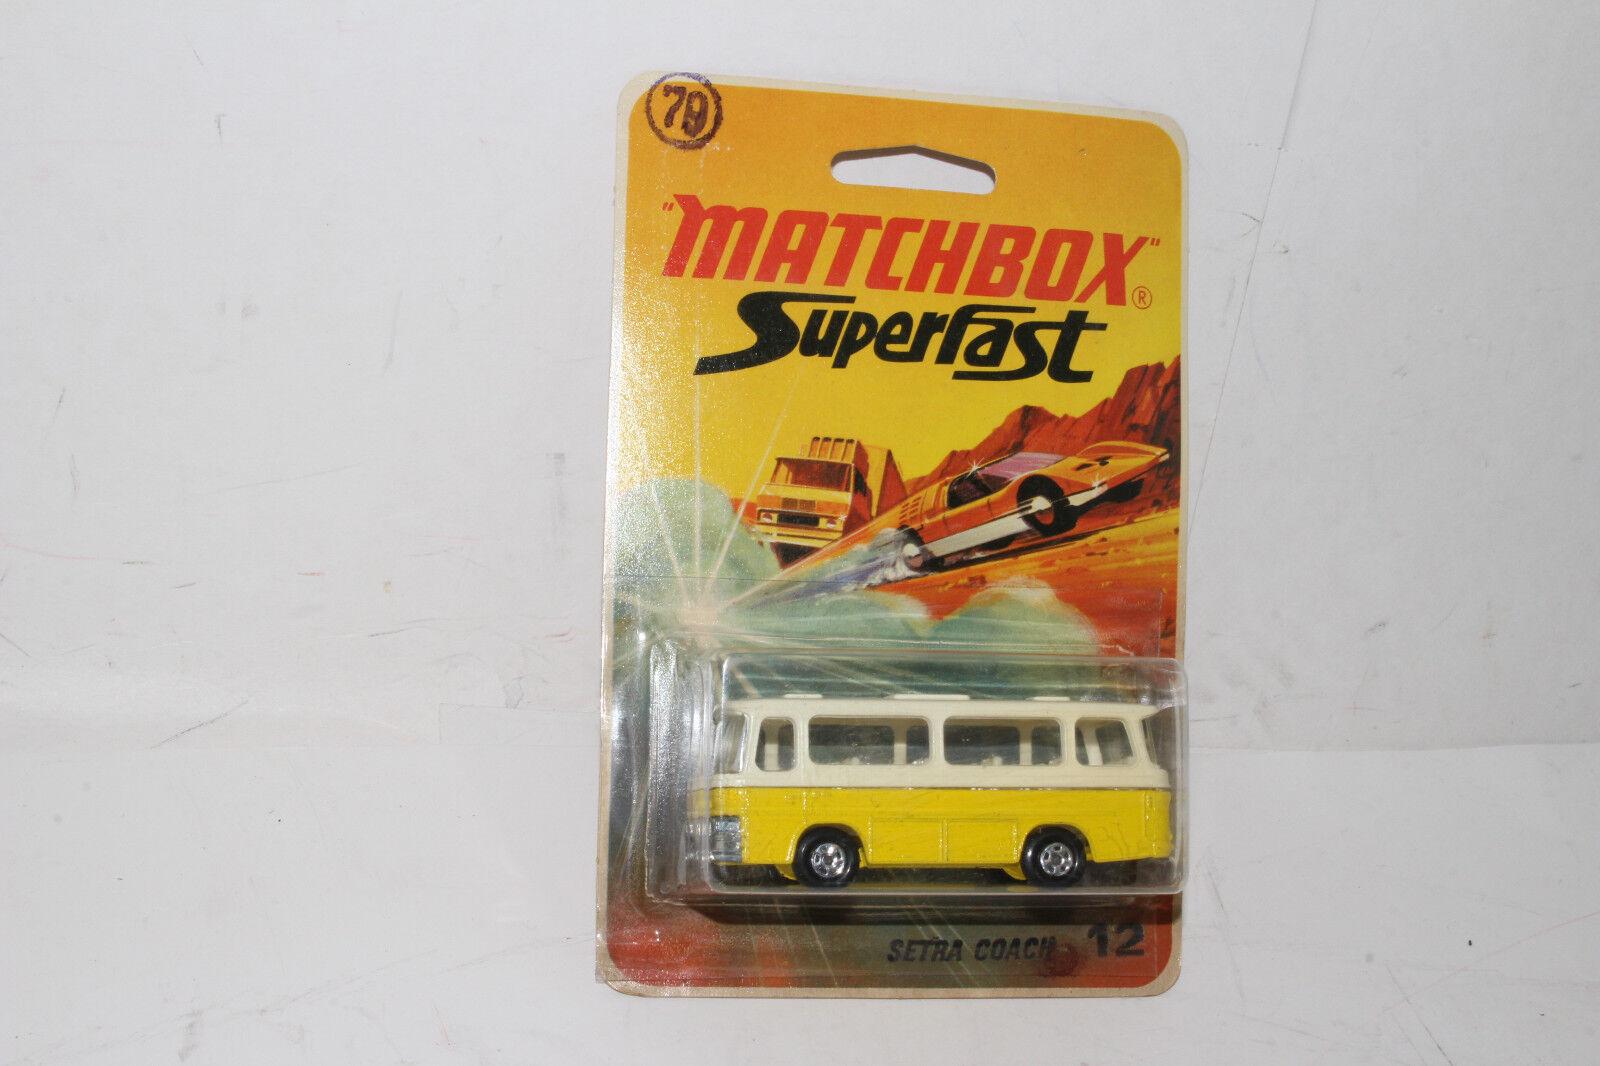 Matchbox Superfast Setra Autobús, Amarillo, Transparente Ventanas,